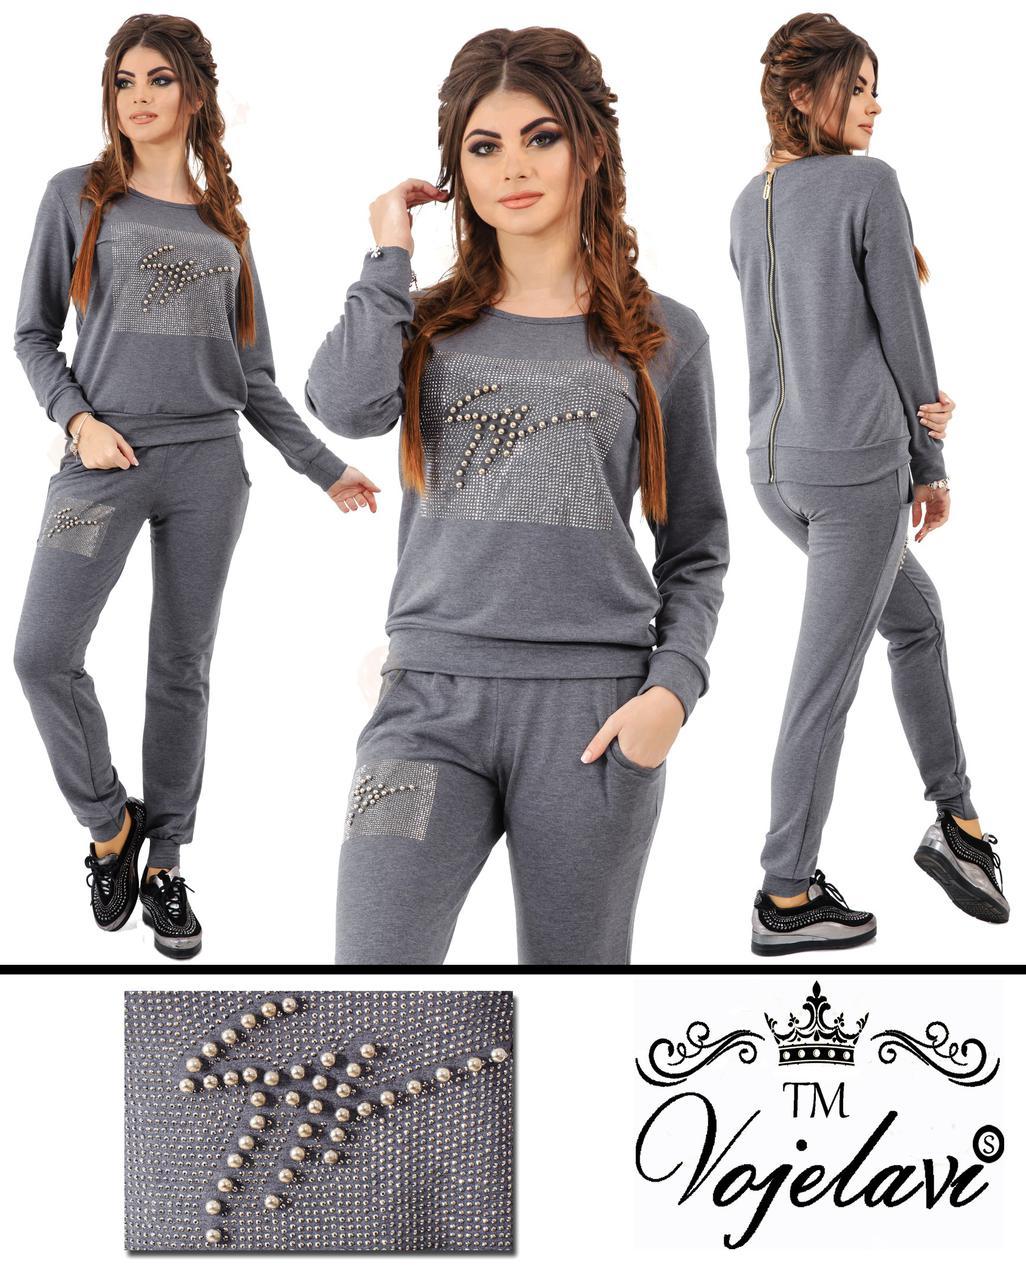 731629abf5e5 Женский темно-серый спортивный костюм 42-46 размеры пр-во Украина 1028 42